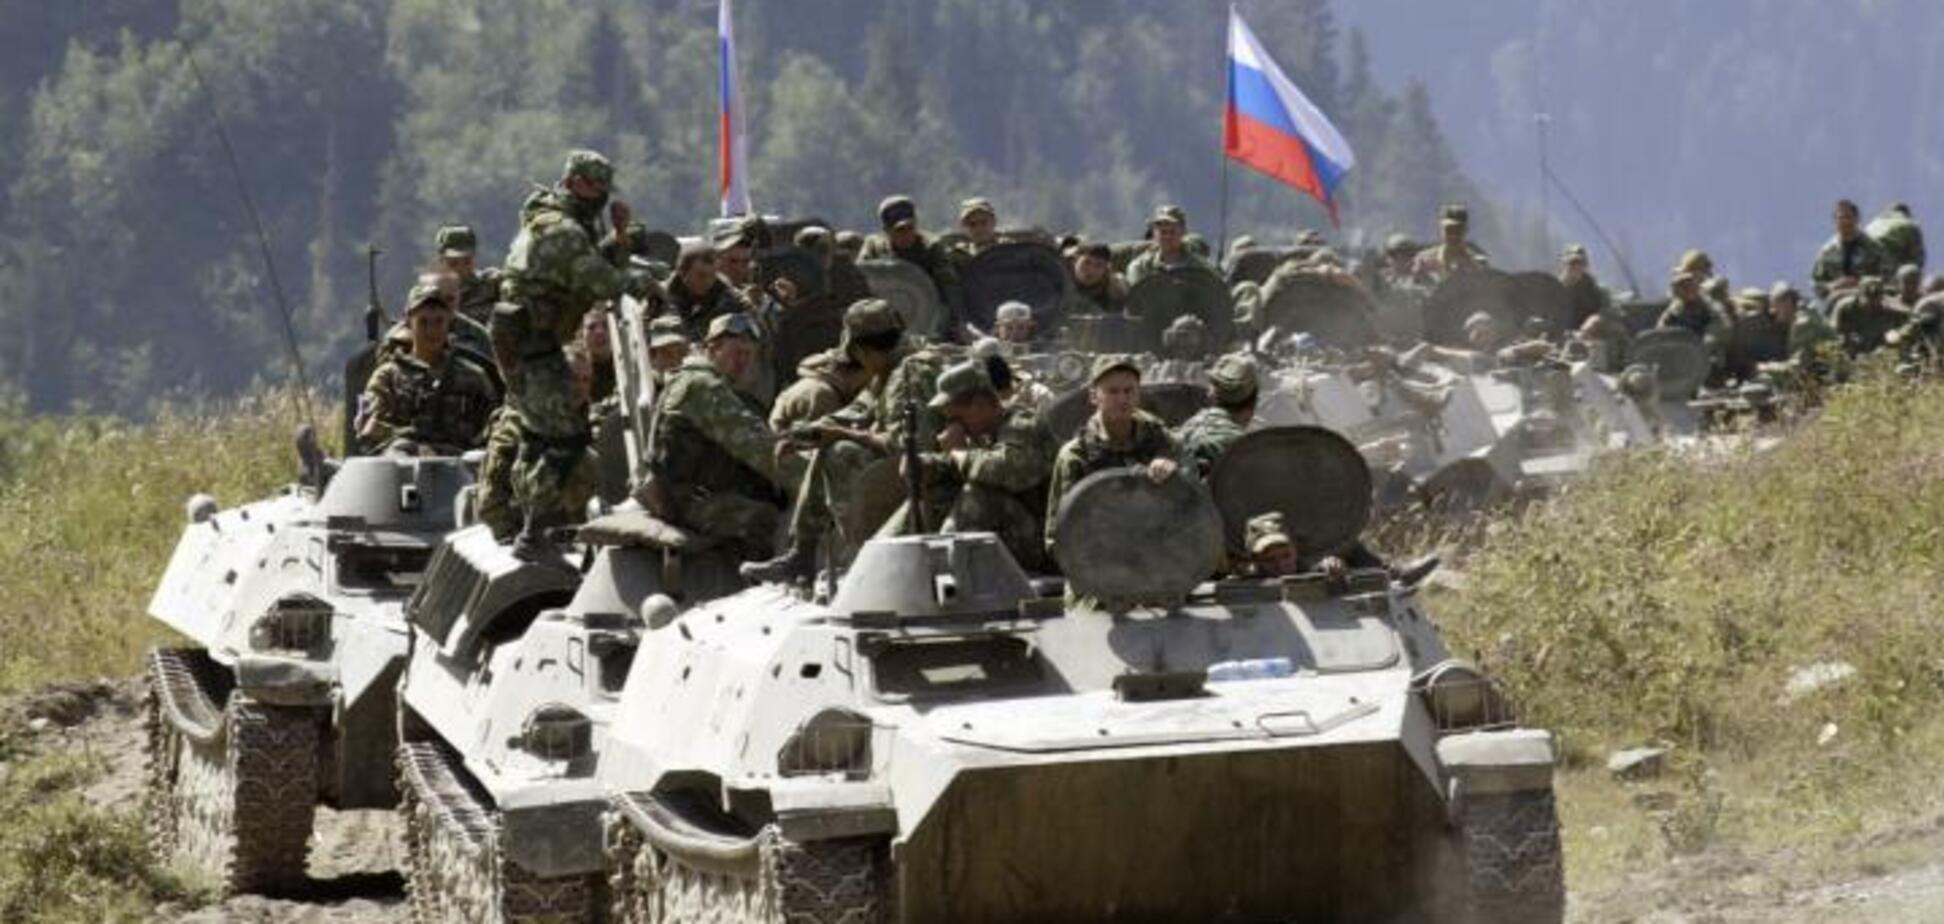 Путін може законно ввести війська в Україну: експерт пояснив як